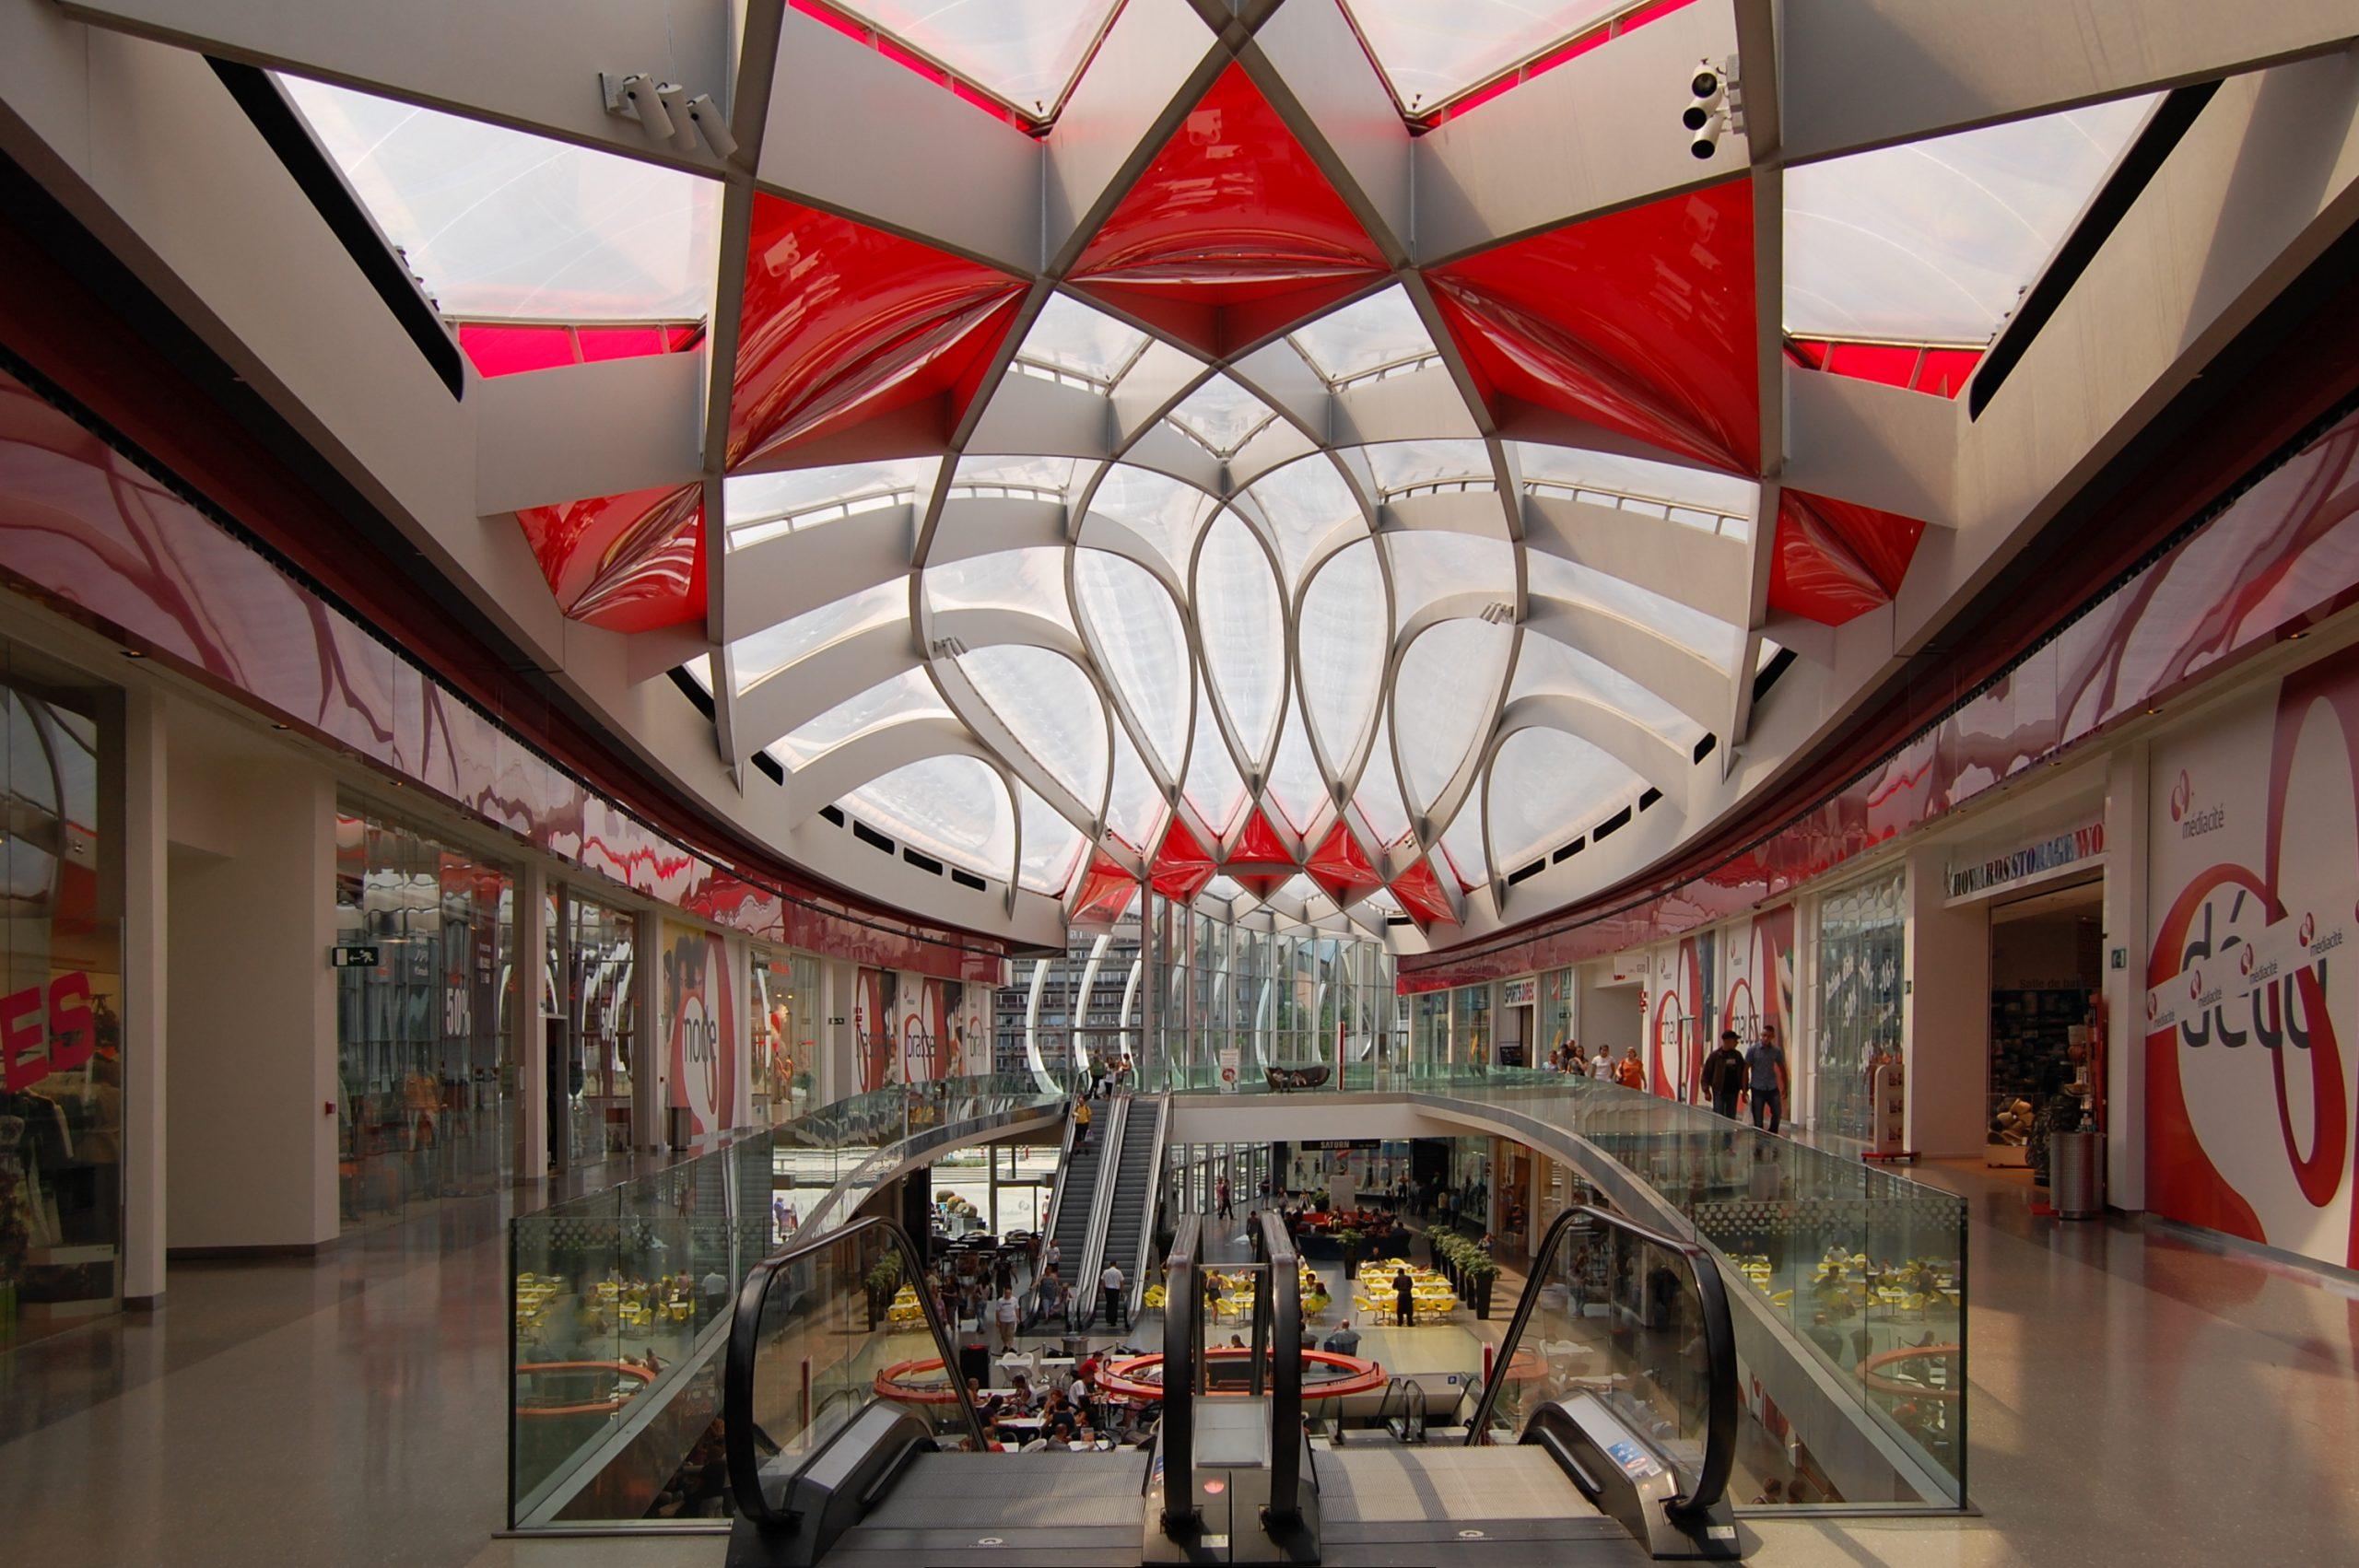 Médiacité, un centre commercial durable pour une Liège qui renaît